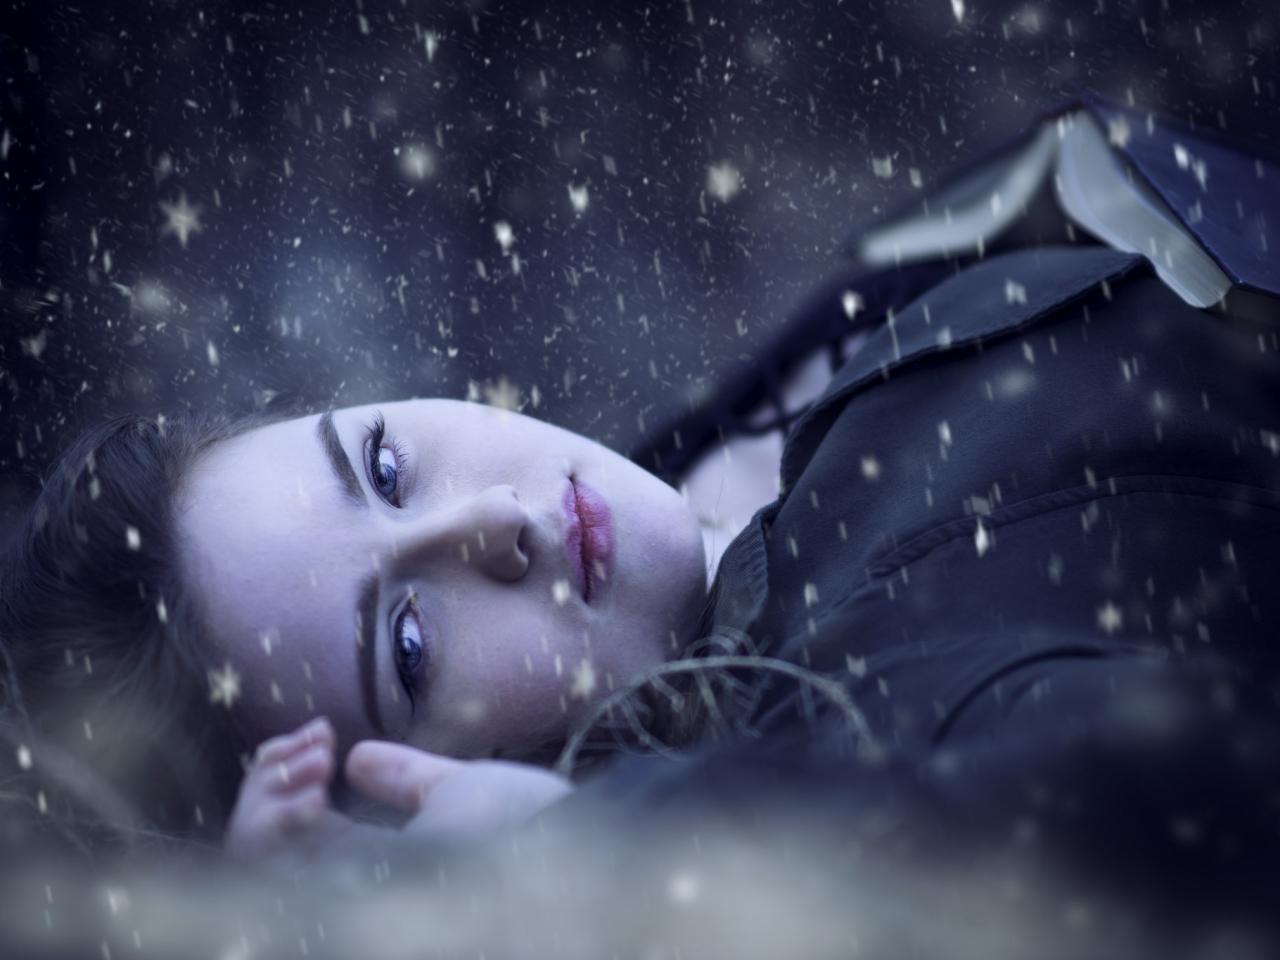 Retrato bajo la nieve - 1280x960